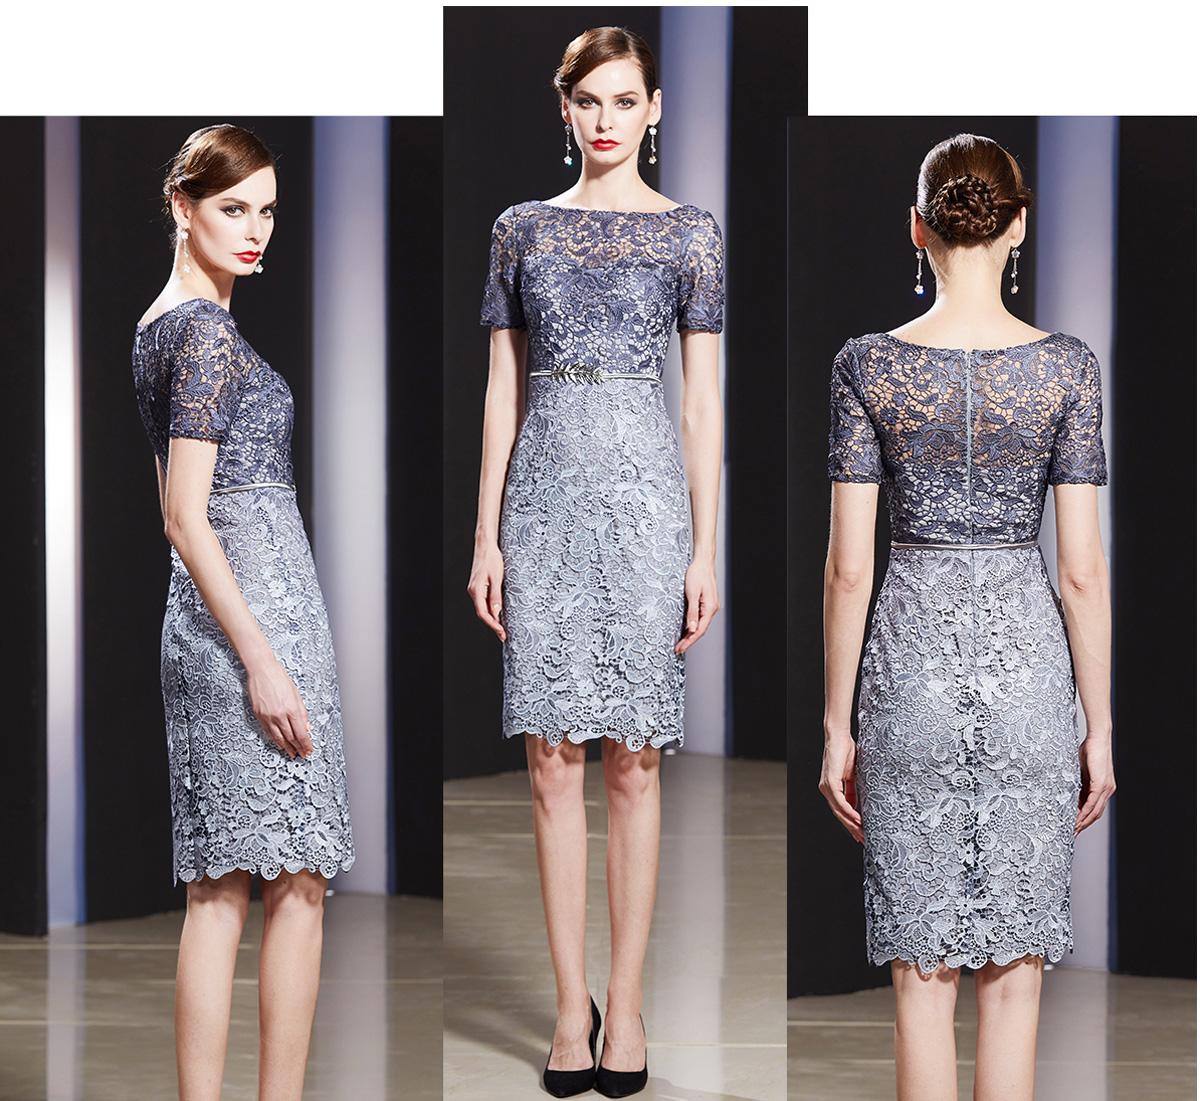 robe de soirée courte grise en dentelle appliquée guipure avec manches courte